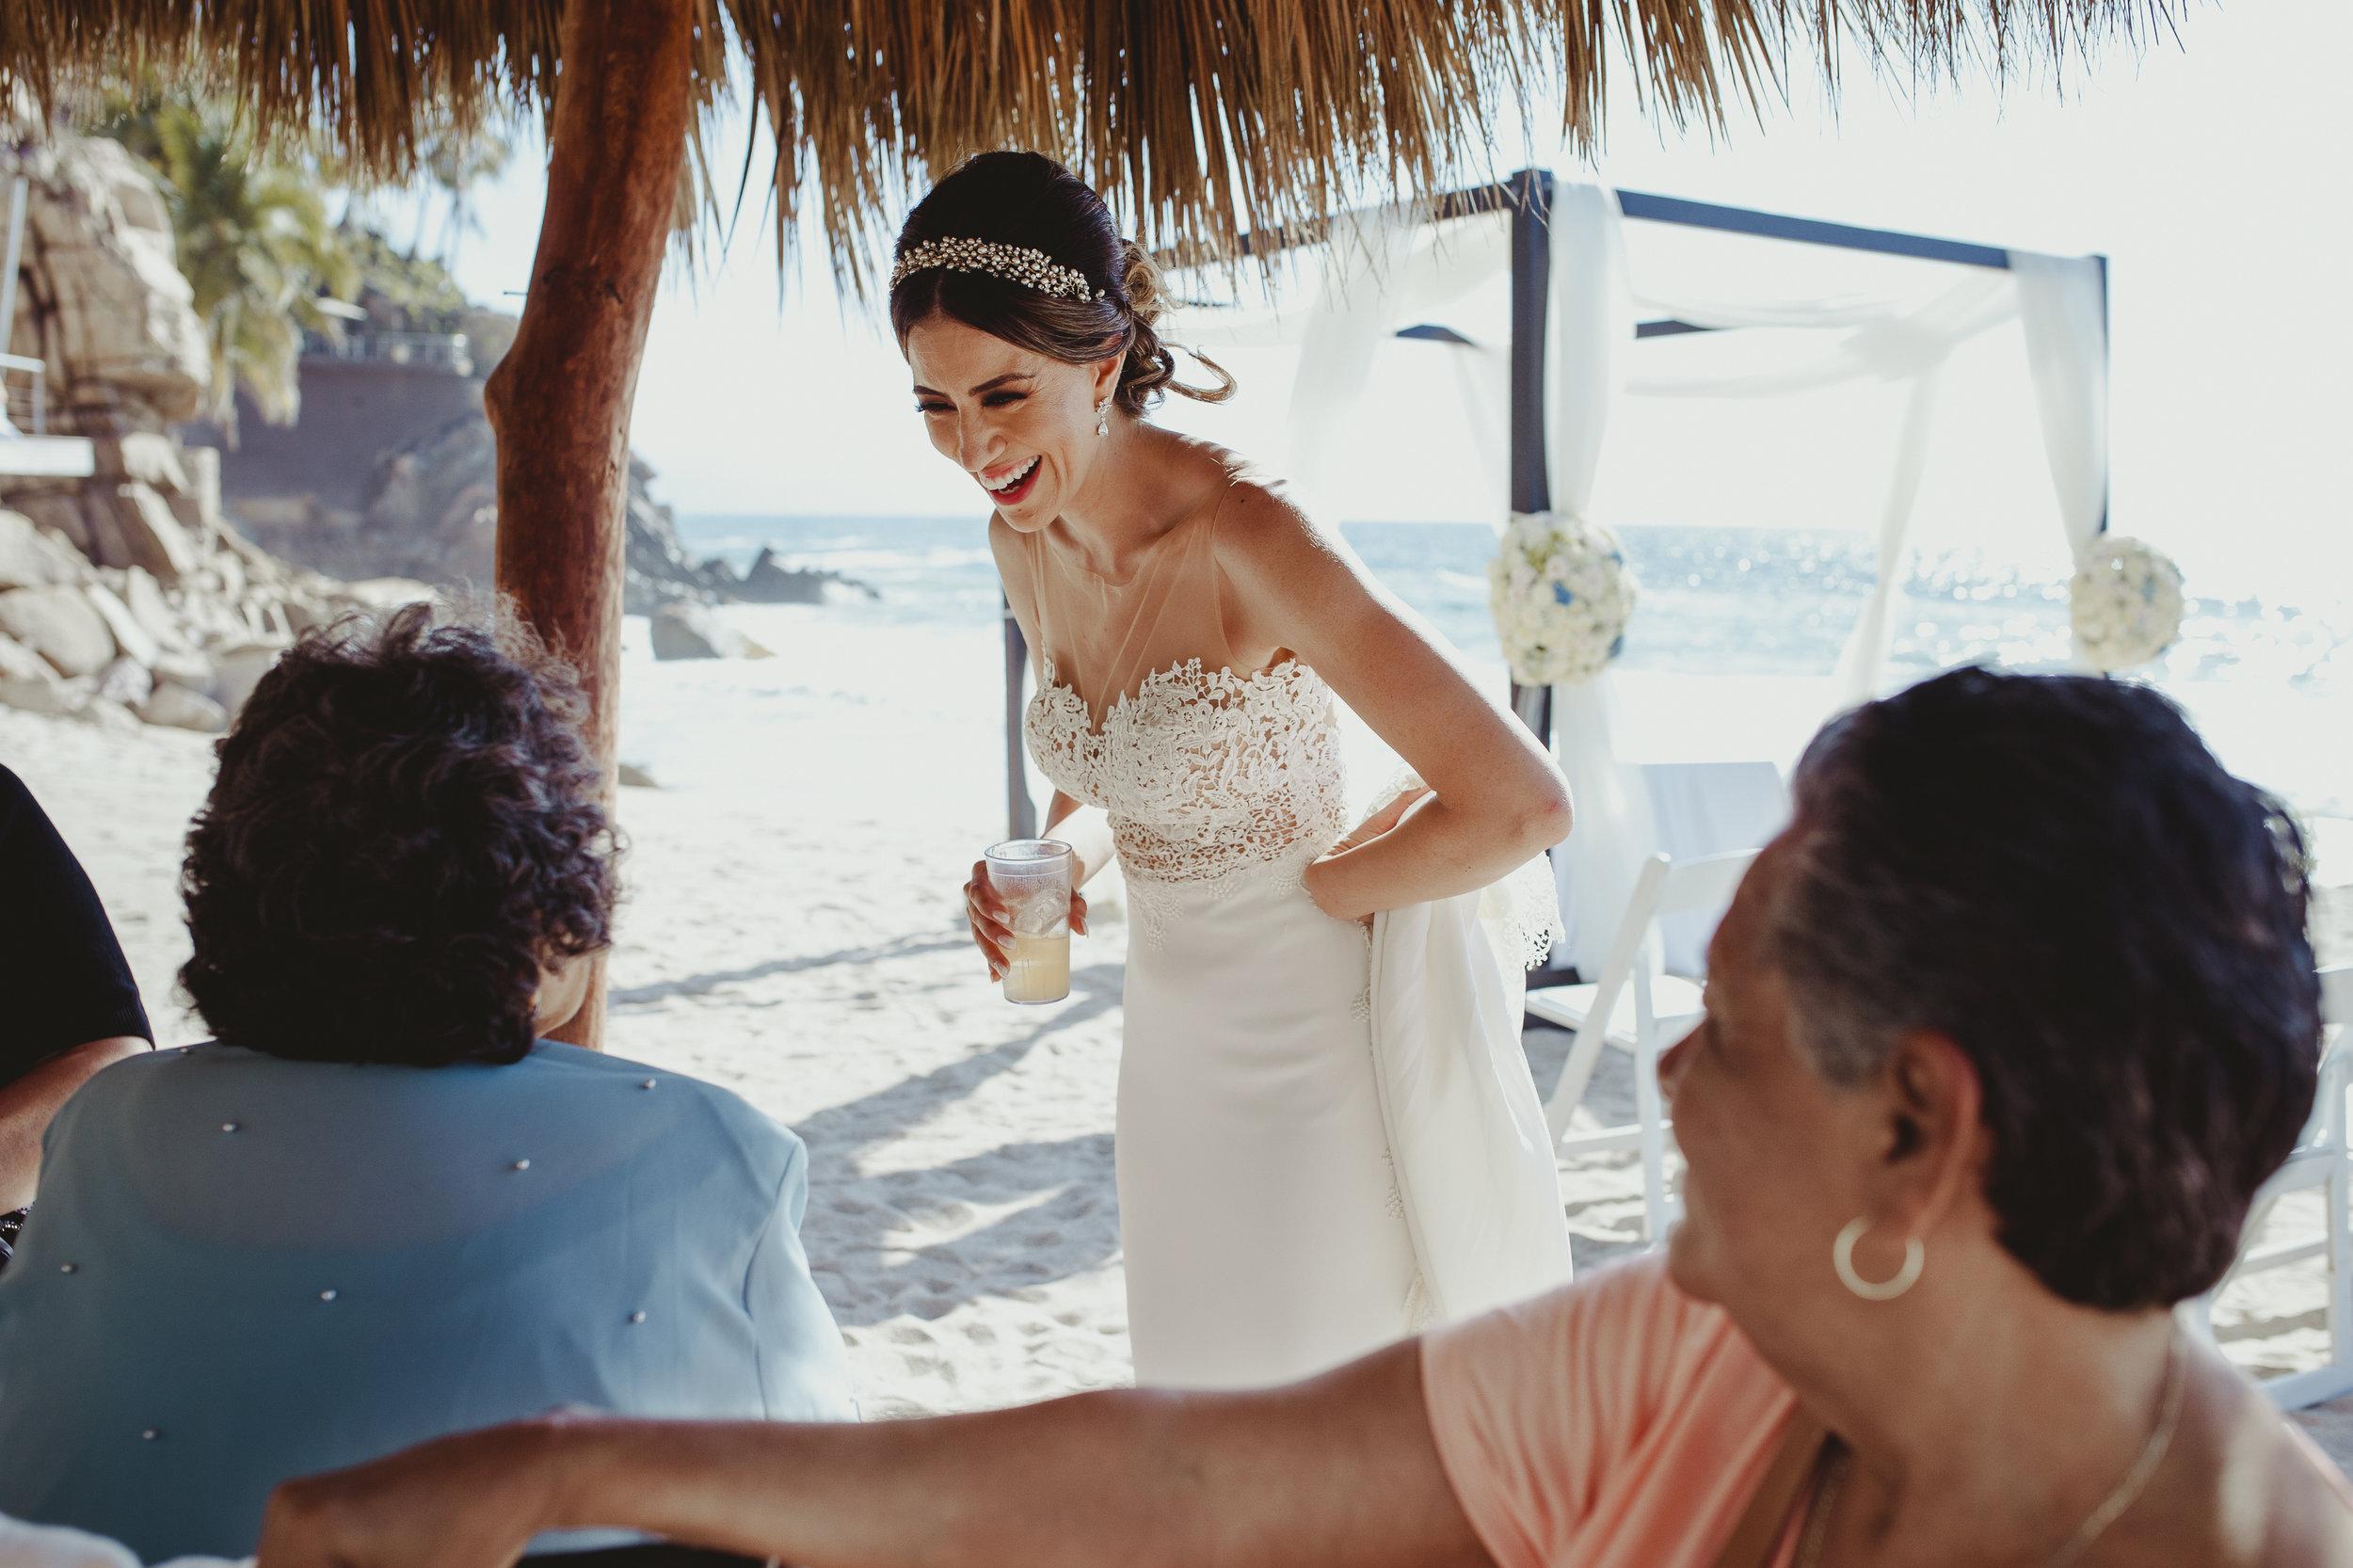 Fotografo-de-bodas-destino-Mexico-wedding-destination-photographer-san-miguel-de-allende-guanajuato-queretaro-boho-bohemian-bohemio-chic-editorial-carotida-photographer-sayulita-nayarit